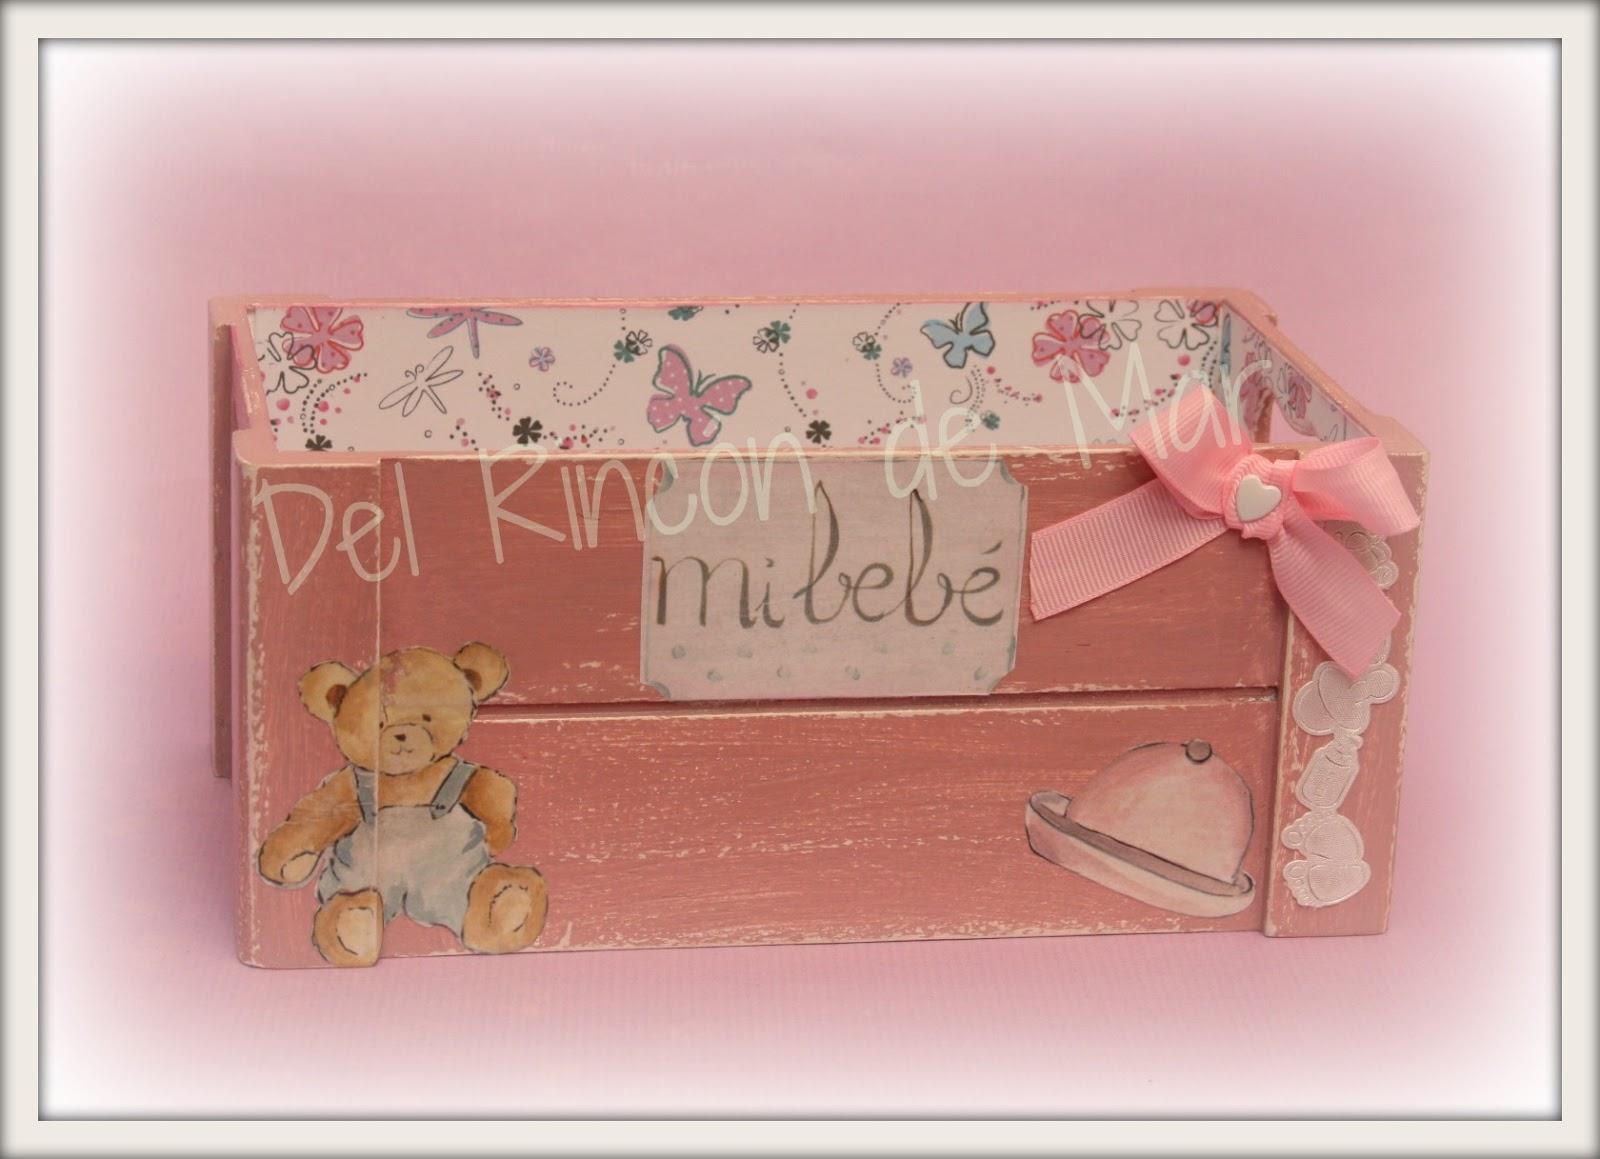 Del rinc n de mar cajas de madera decoradas - Cajas de madera manualidades ...